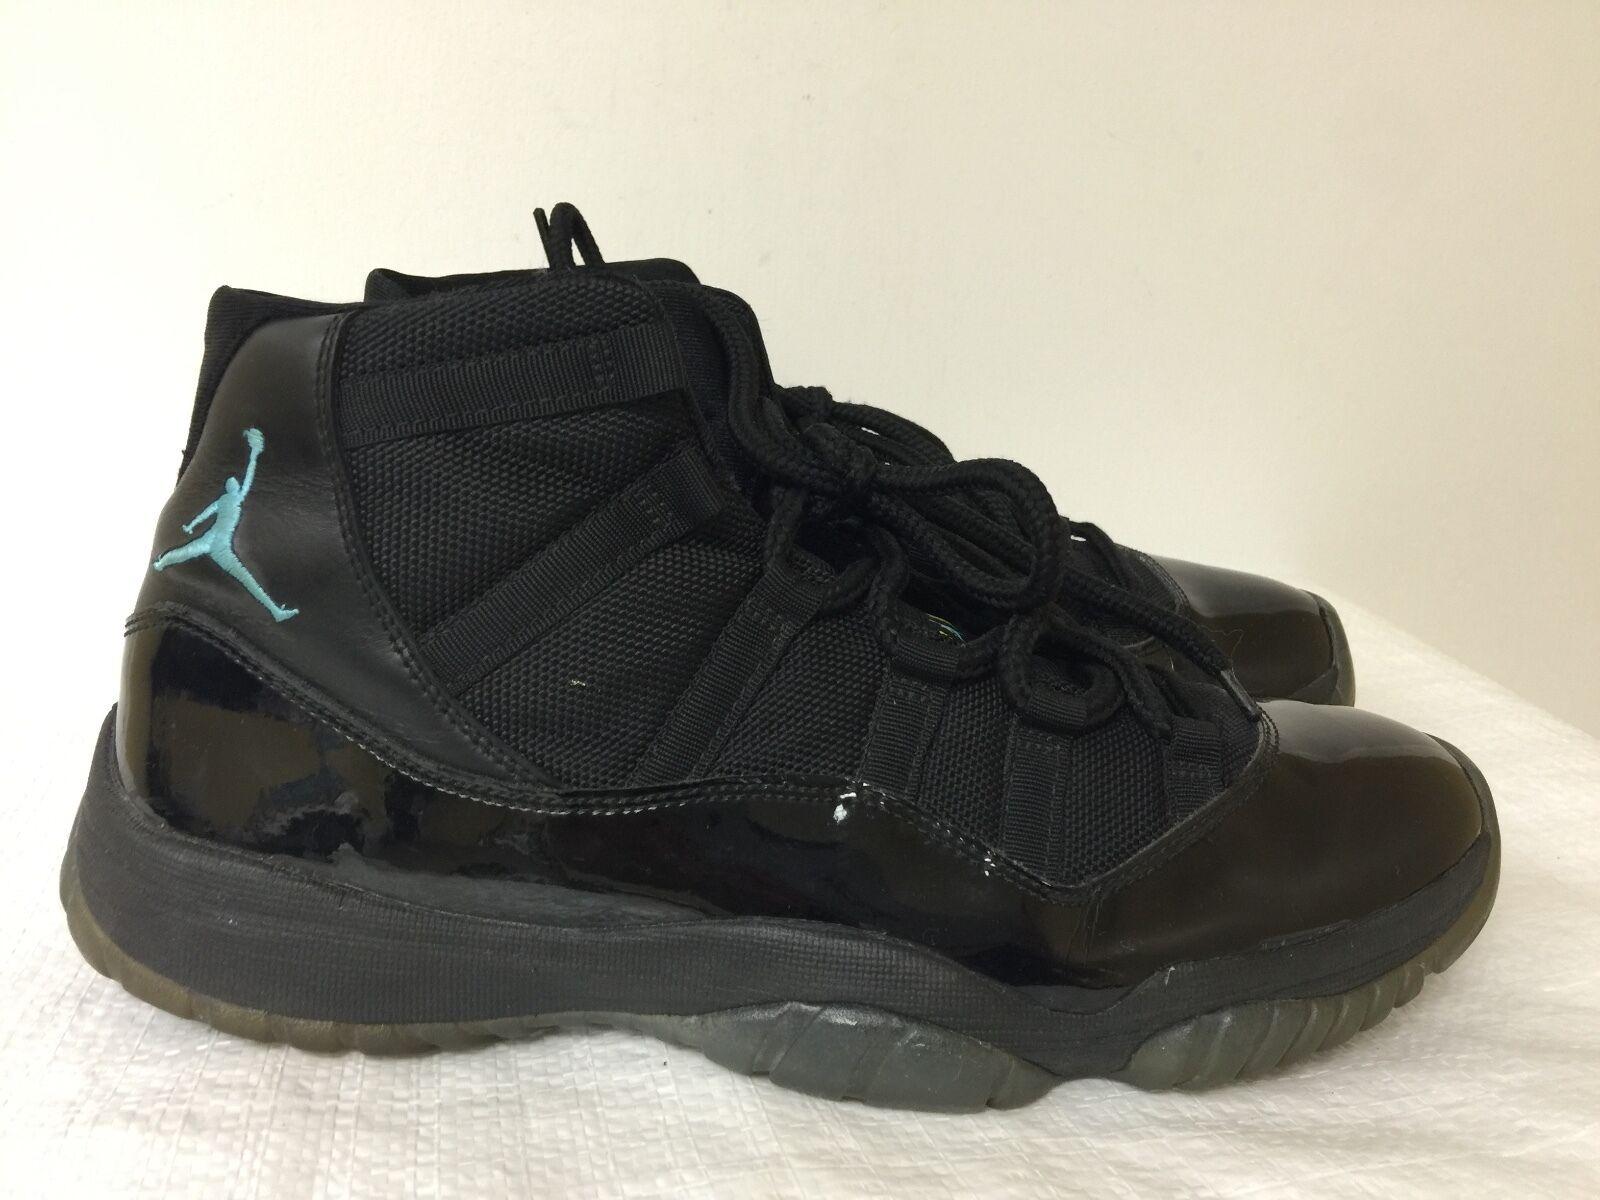 the latest 68cf9 54d21 Nike Air Jordan Retro 11 gamma Azul maíz Negro Varsity maíz Azul 378037-006  hombres tamaño 10,5 gran descuento 4f6633